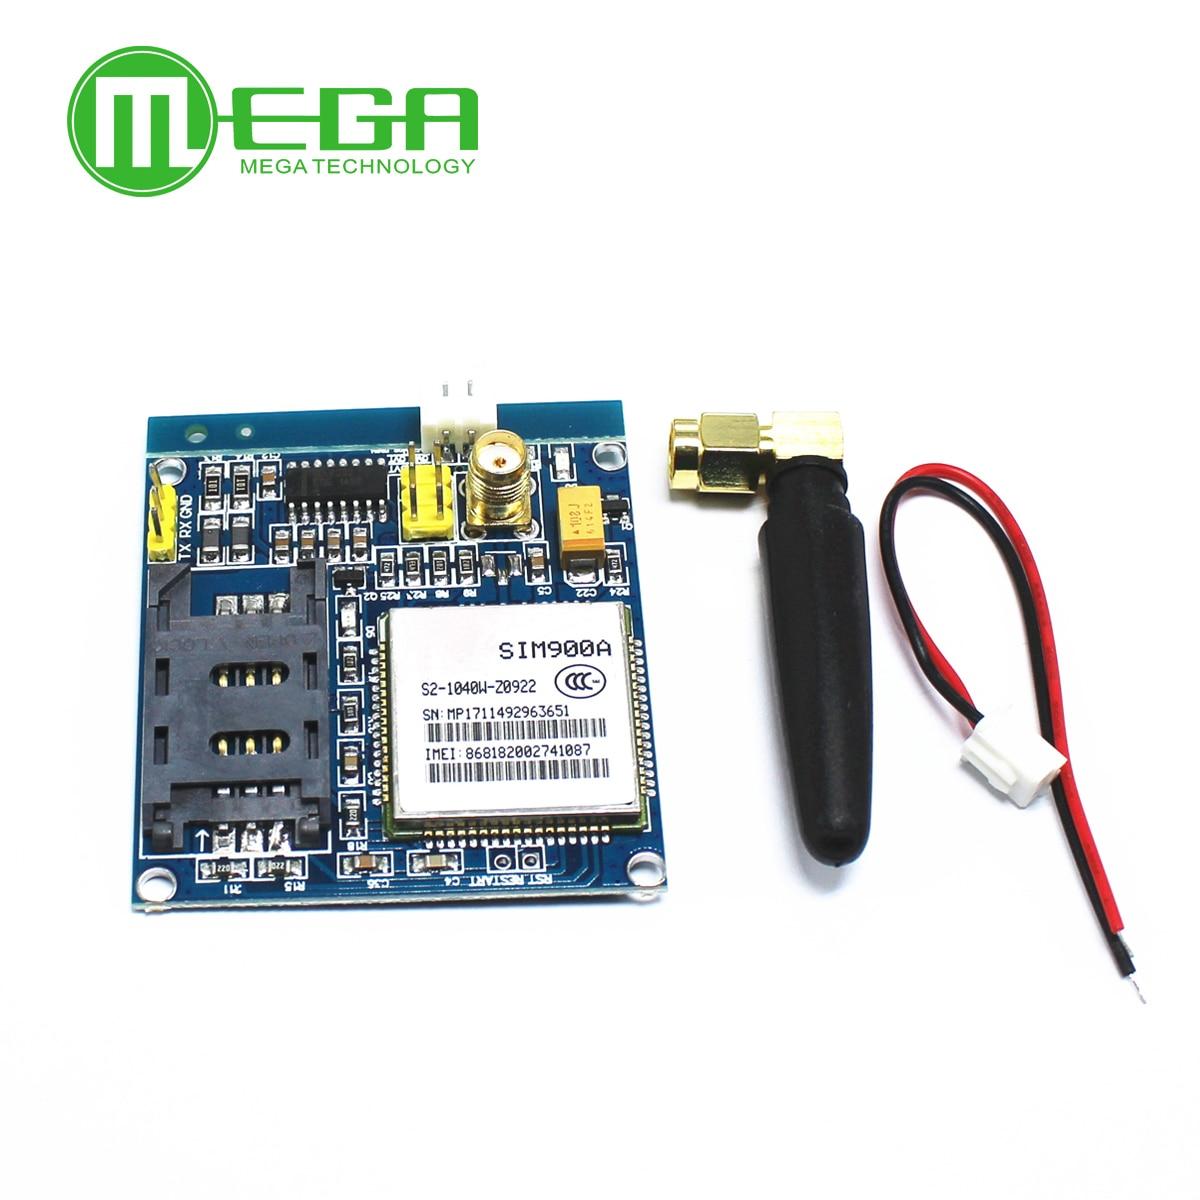 Беспроводной модуль передачи данных SIM900A SIM900 MINI V4.0 GSM GPRS, комплект с антенной C83, 1 шт.